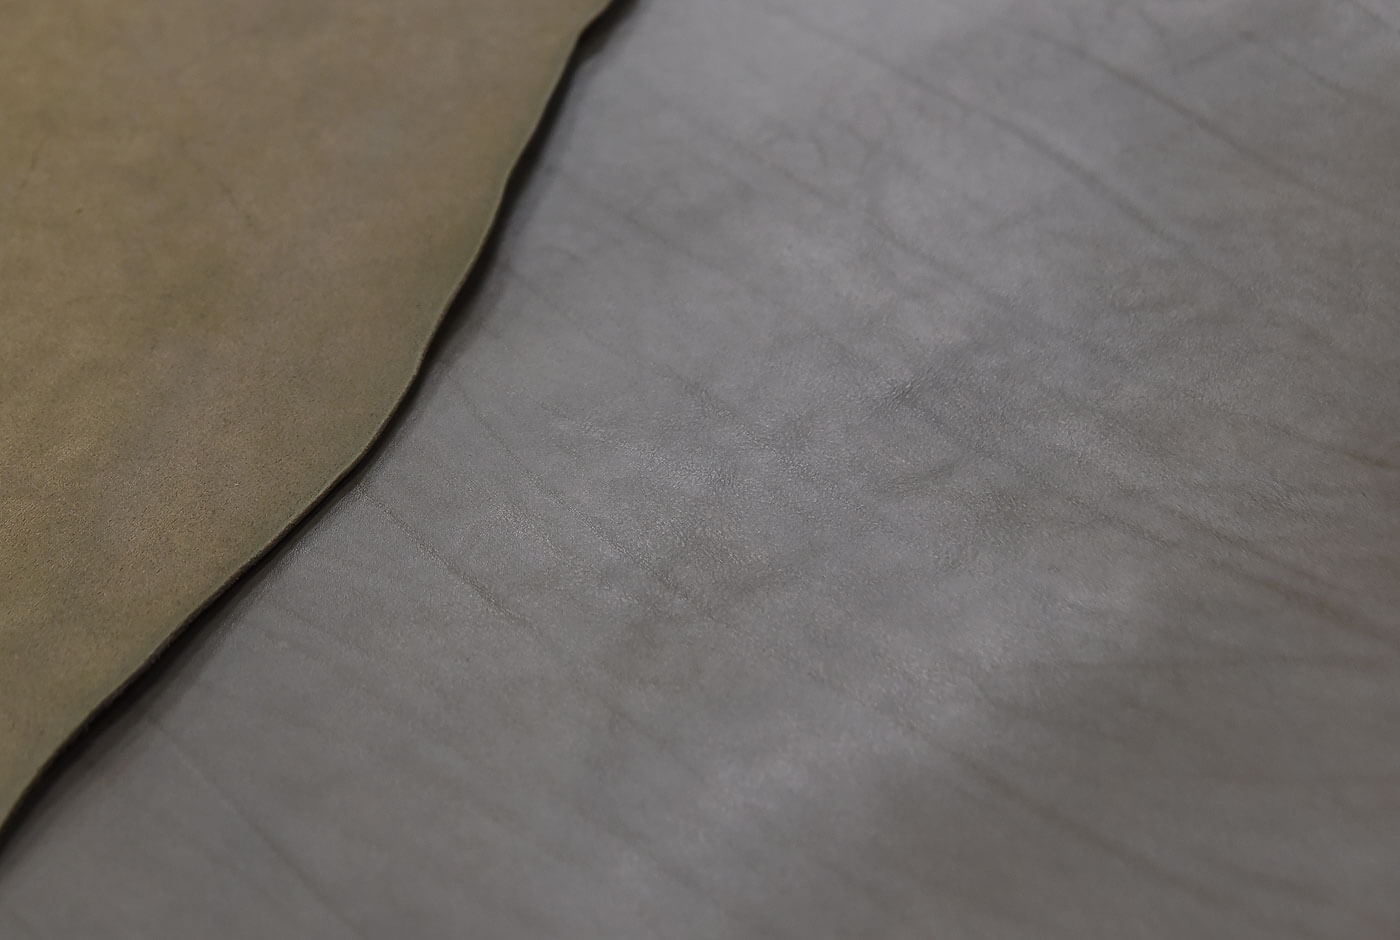 ヘルツオリジナルレザーと同じ革質のグレー